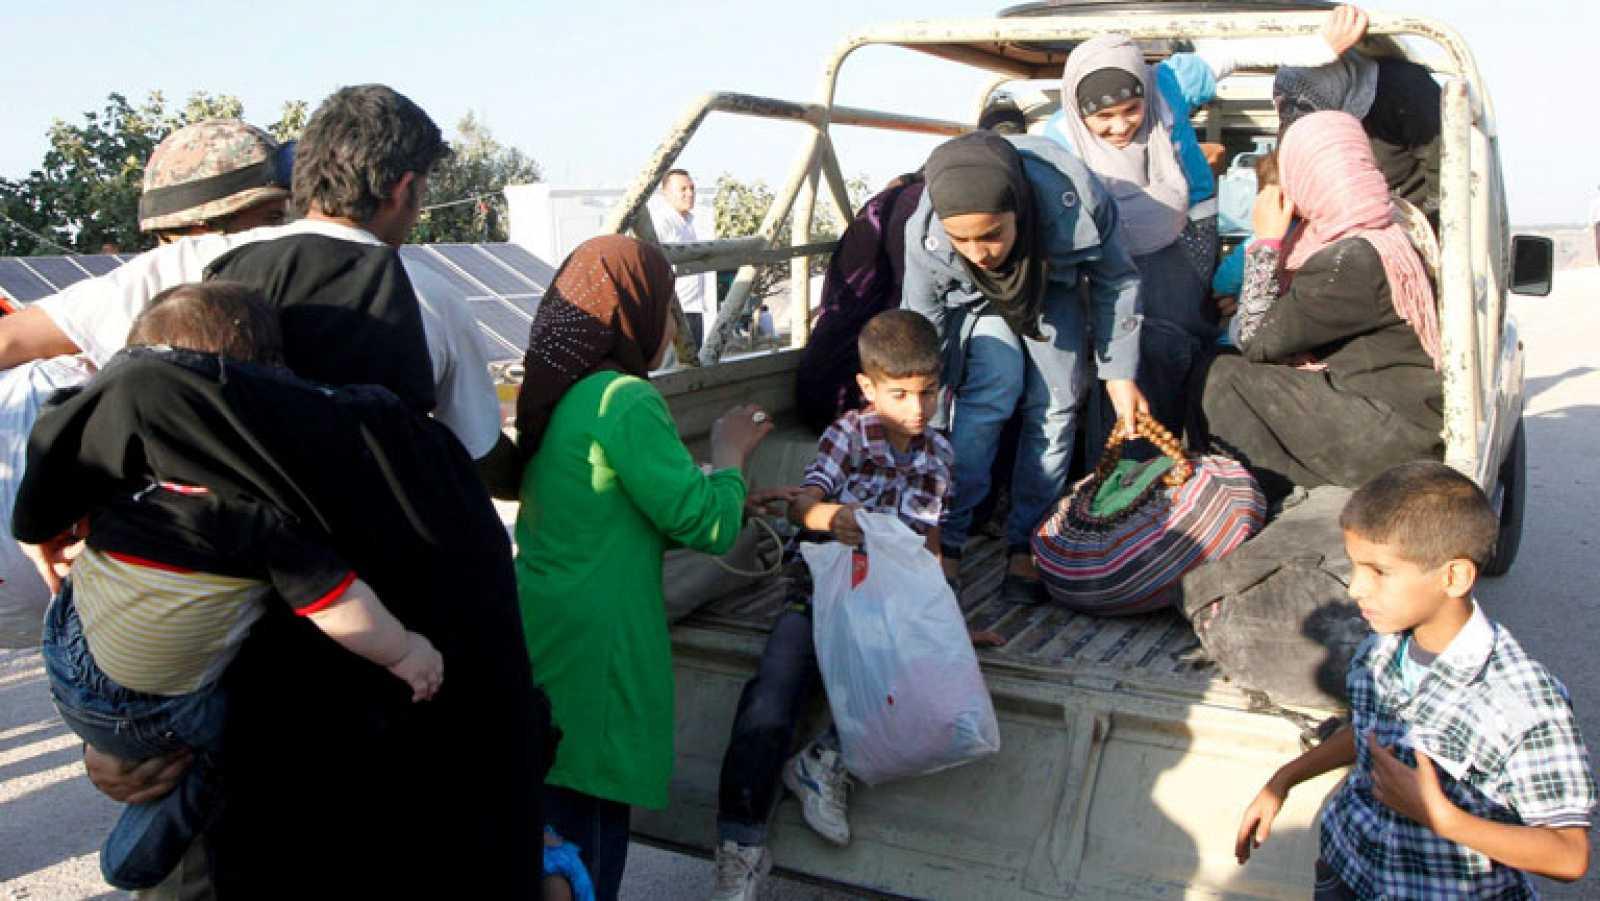 Más de 2.000 personas huyen de Siria al día, según la ONU